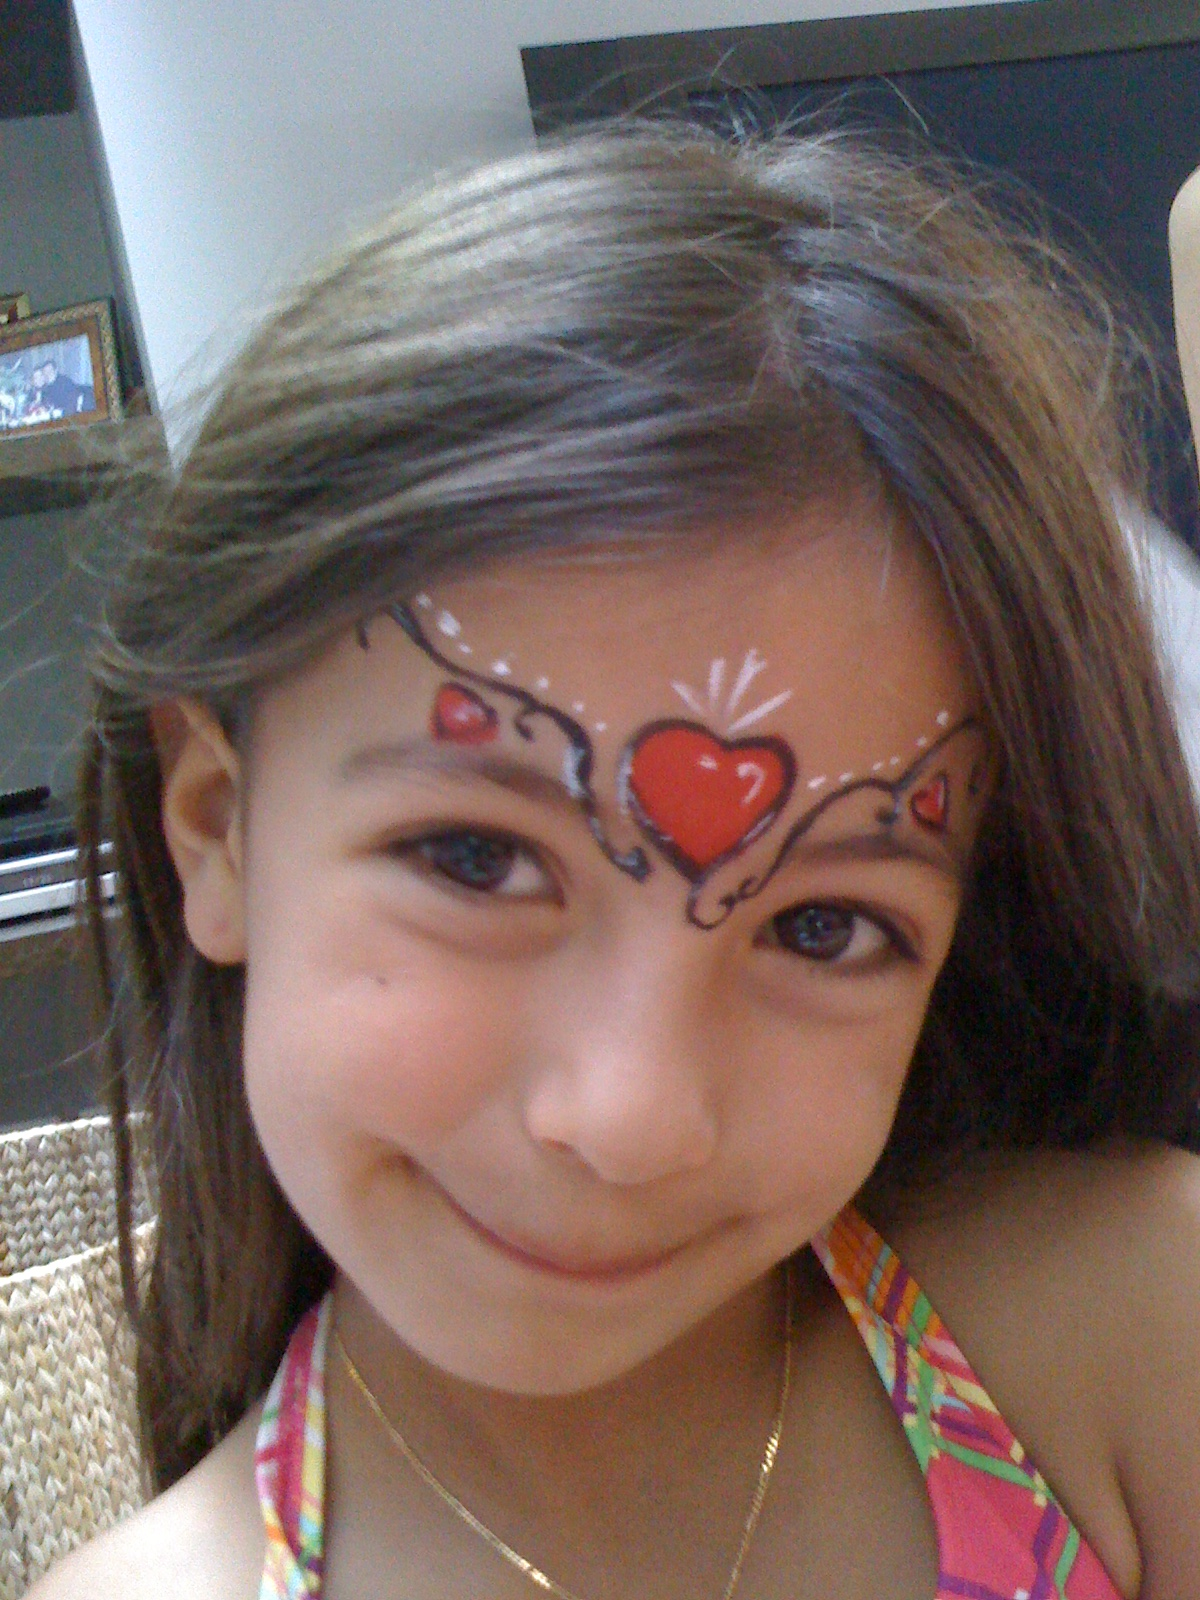 Как нарисовать бабочку на лице ребенка фото поэтапно для начинающих